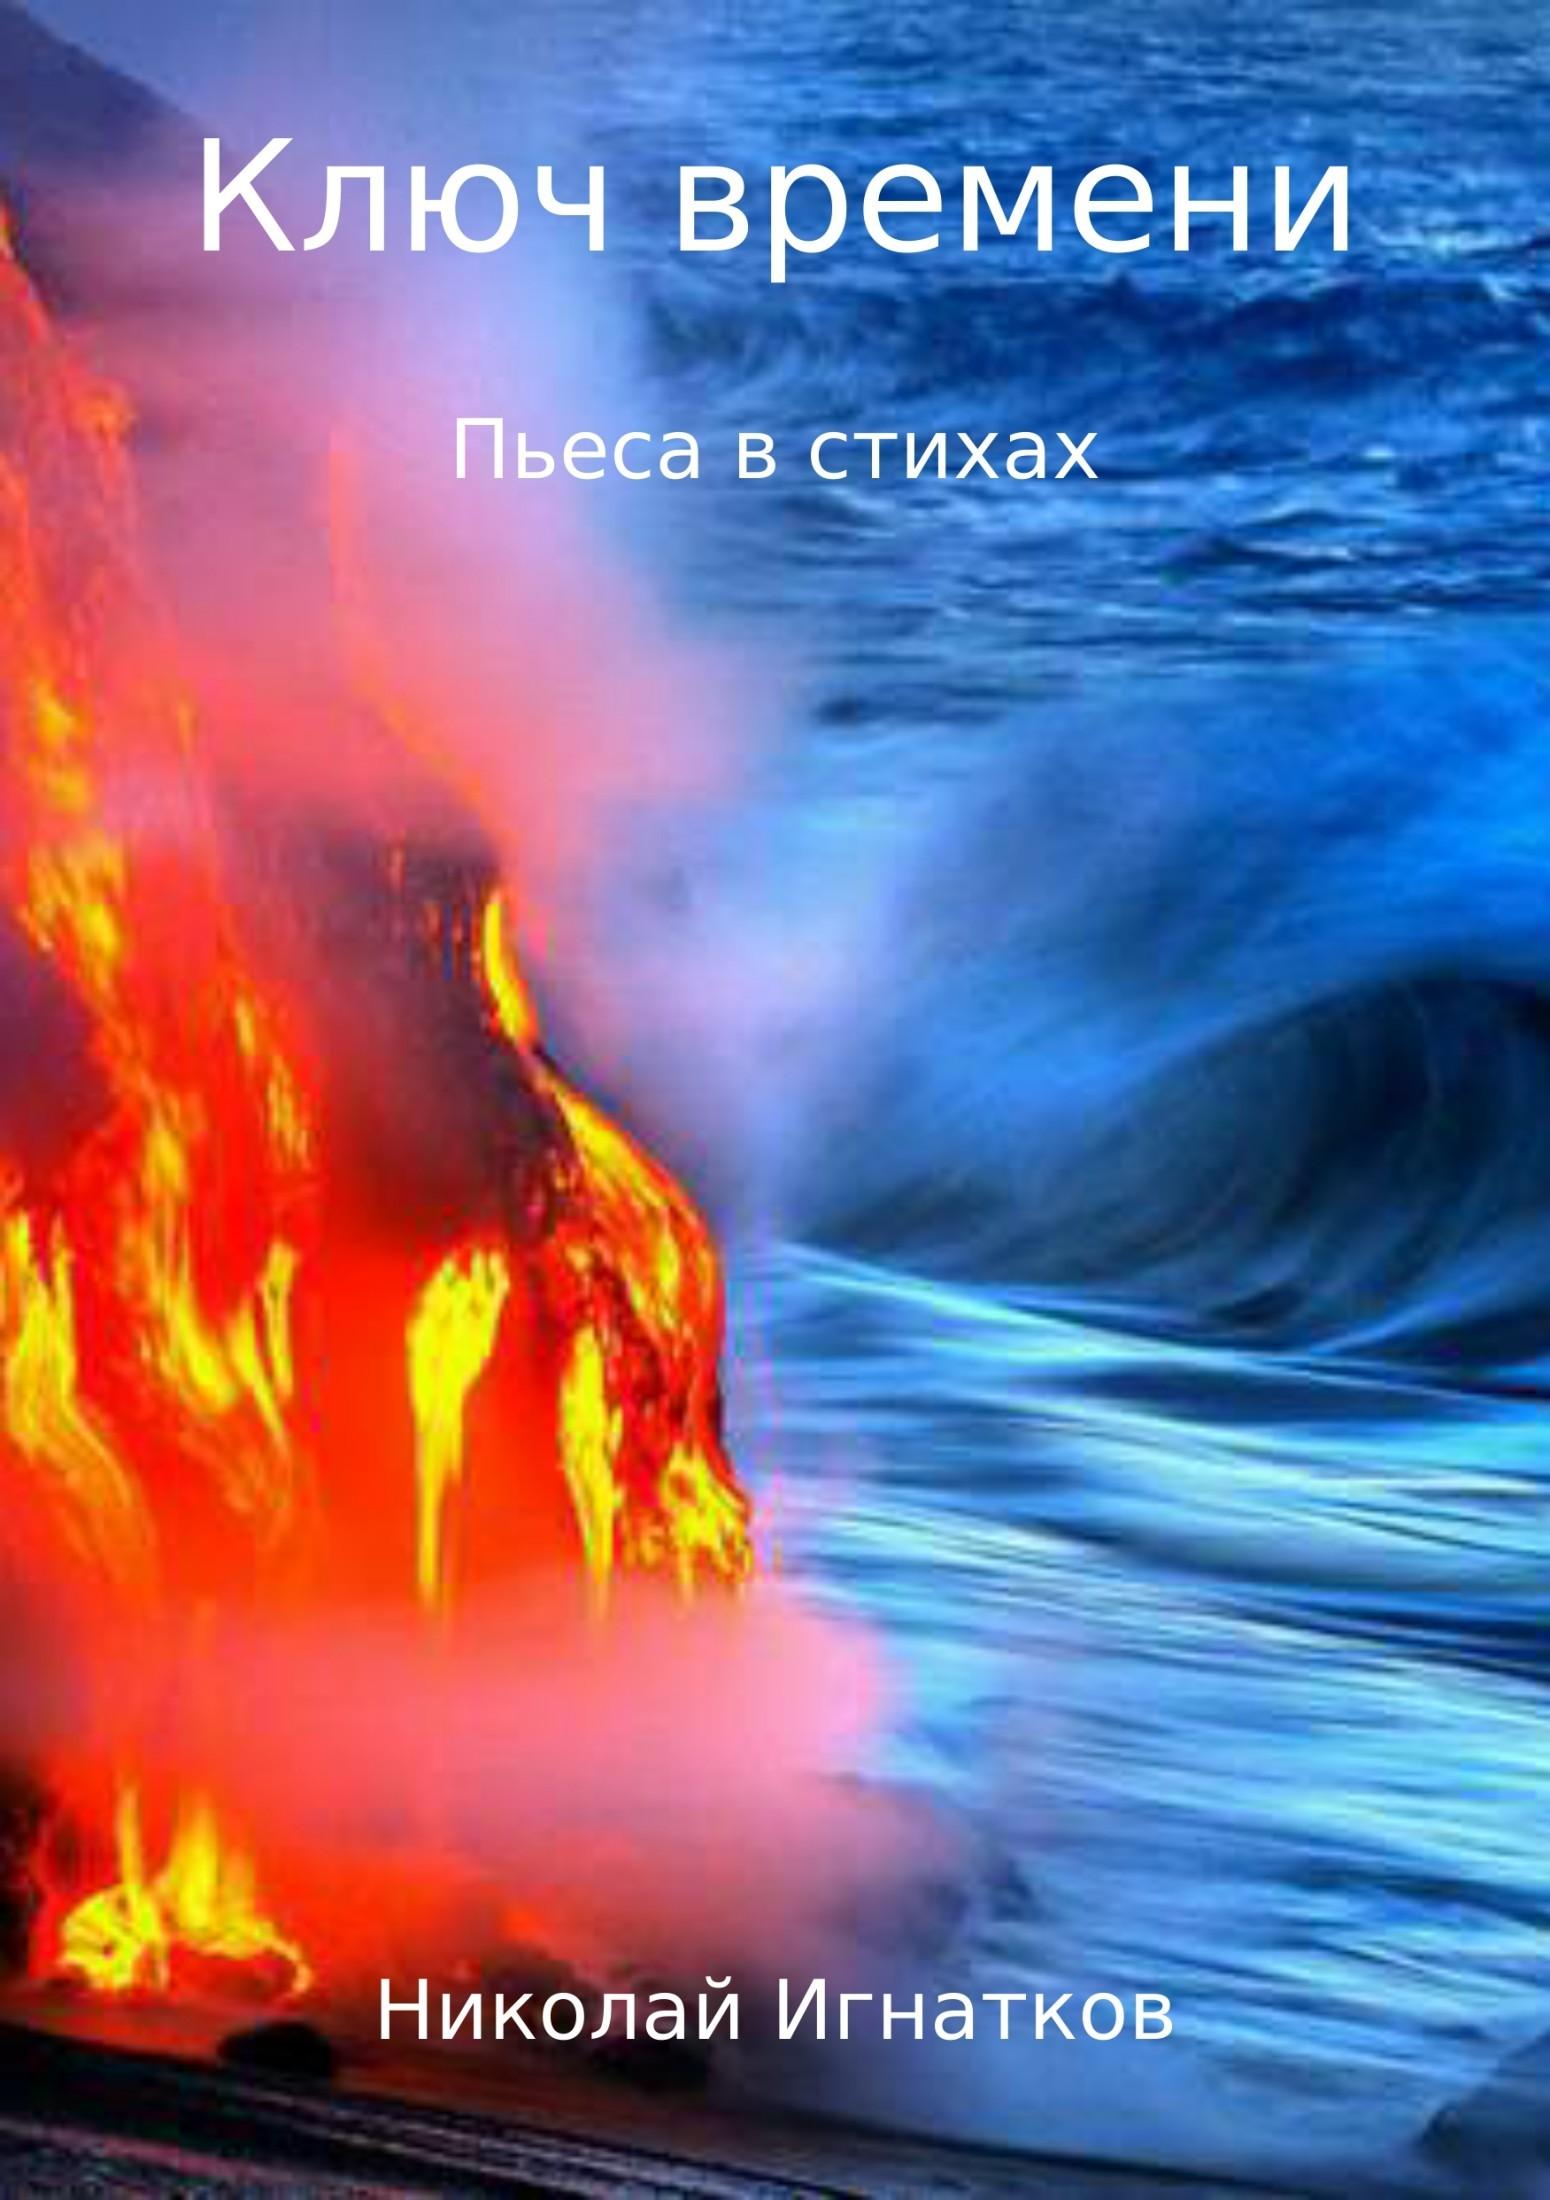 Николай Игнатков - Ключ времени. Пьеса в стихах